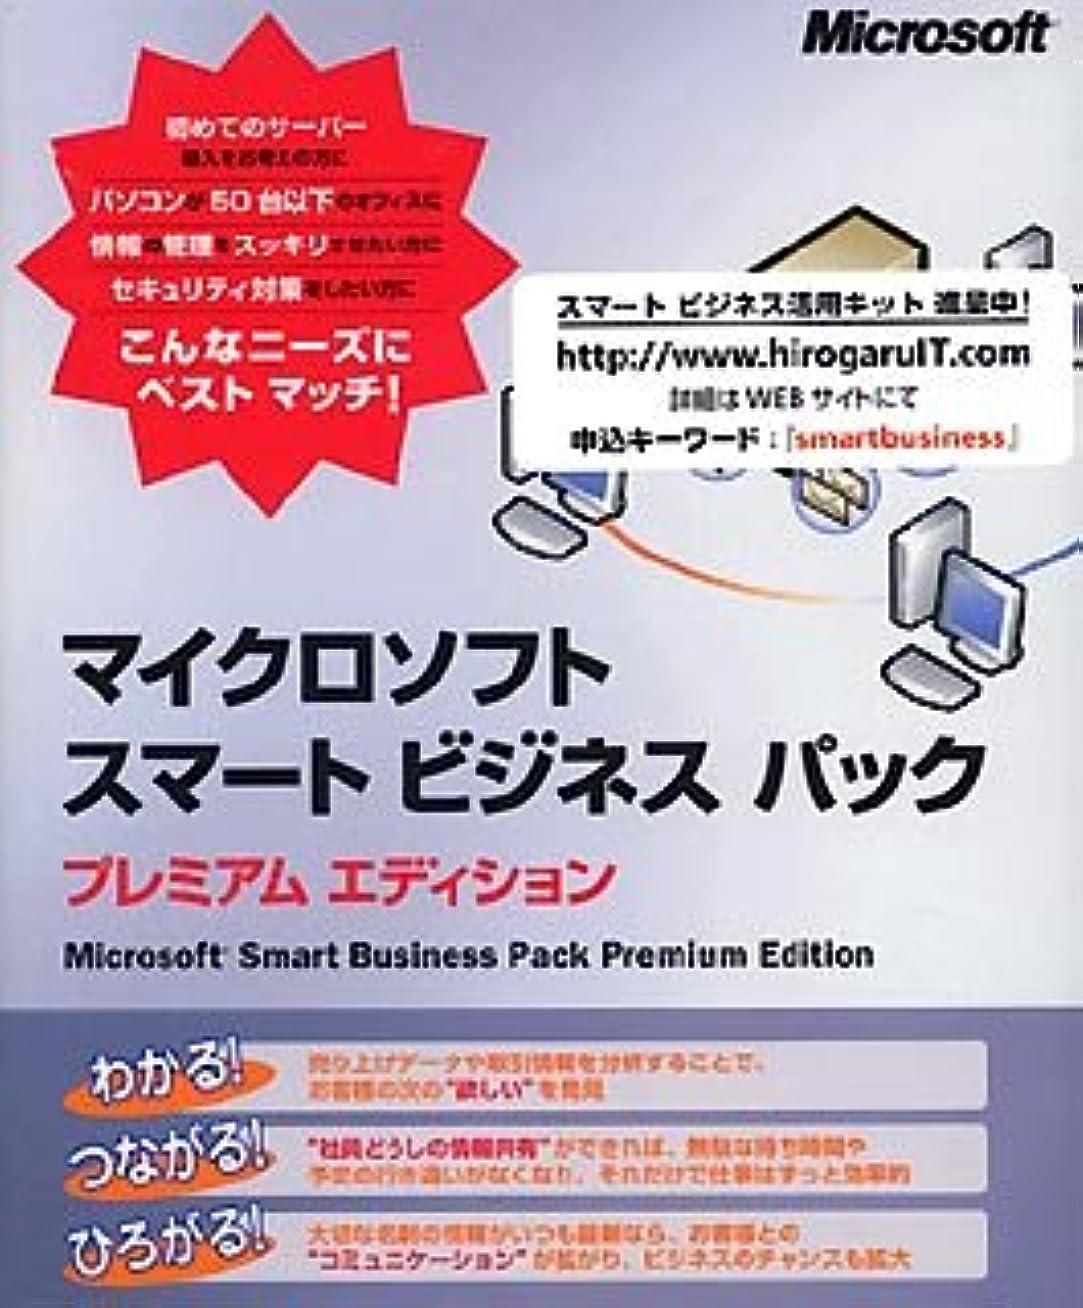 マイクロソフト スマート ビジネス パック プレミアム エディション